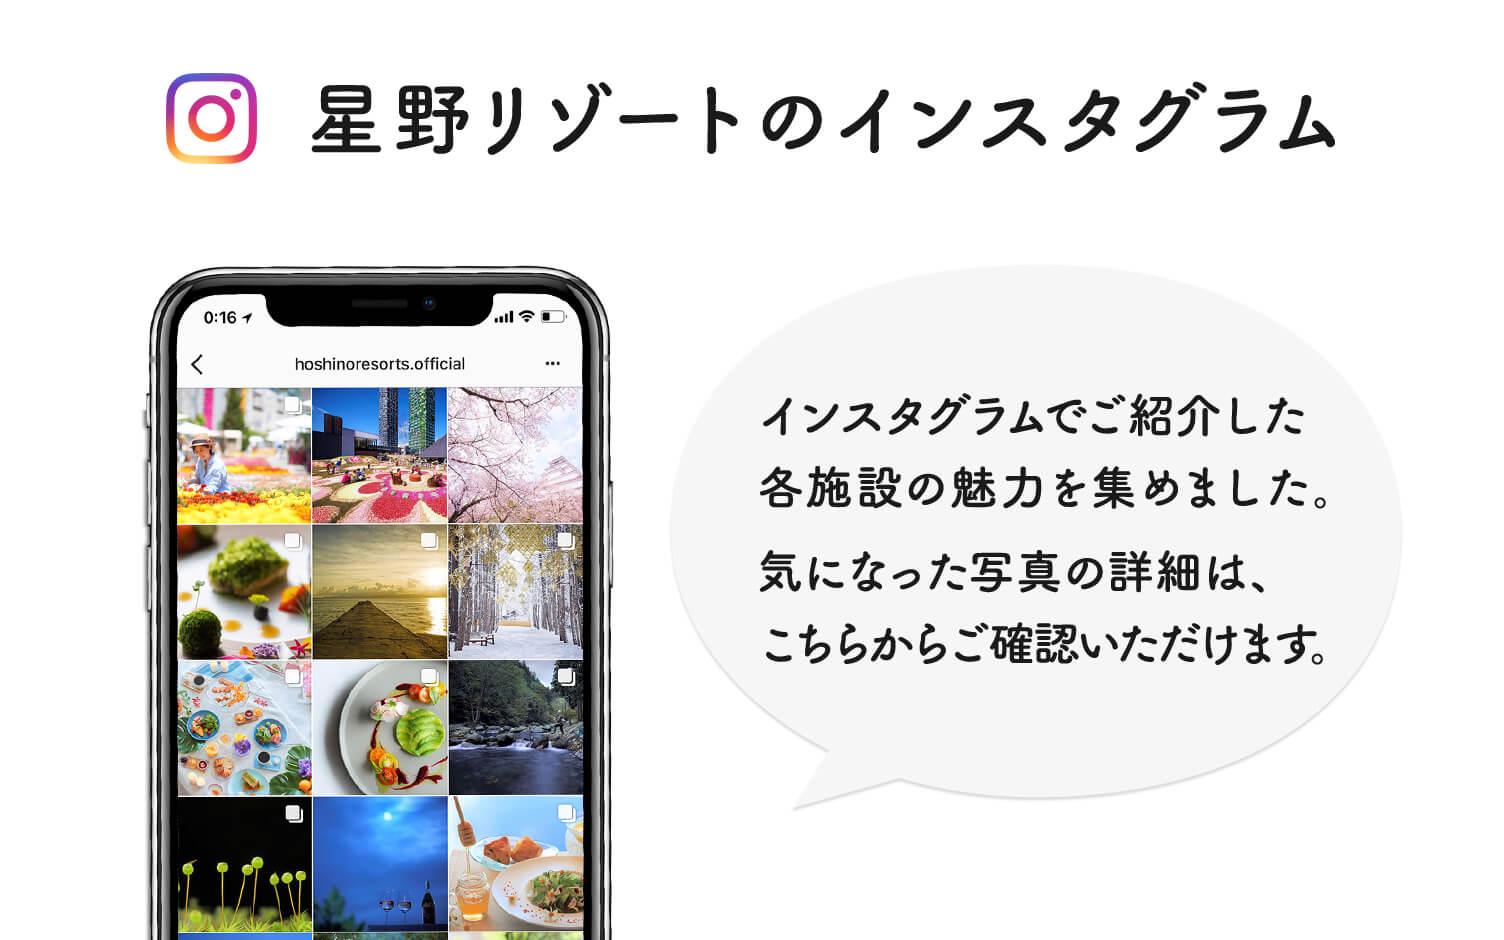 インスタグラム紹介コンテンツ